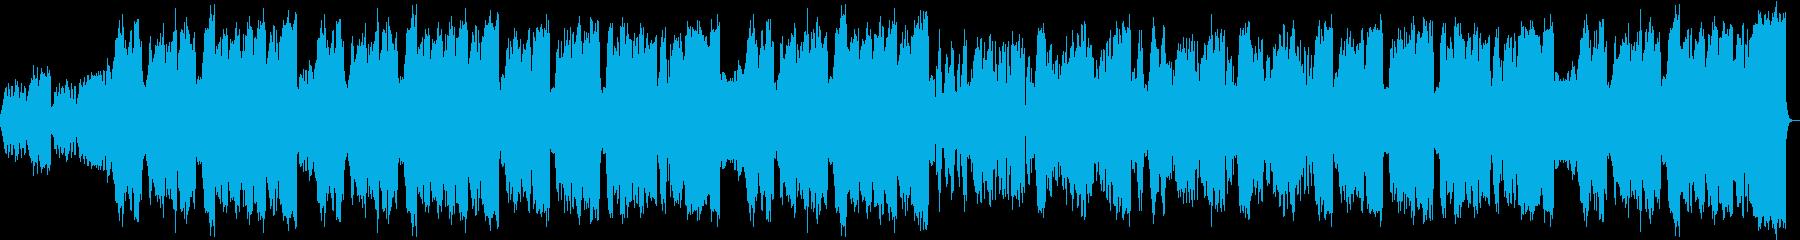 ゆっくりとしたオーボエバラードの再生済みの波形